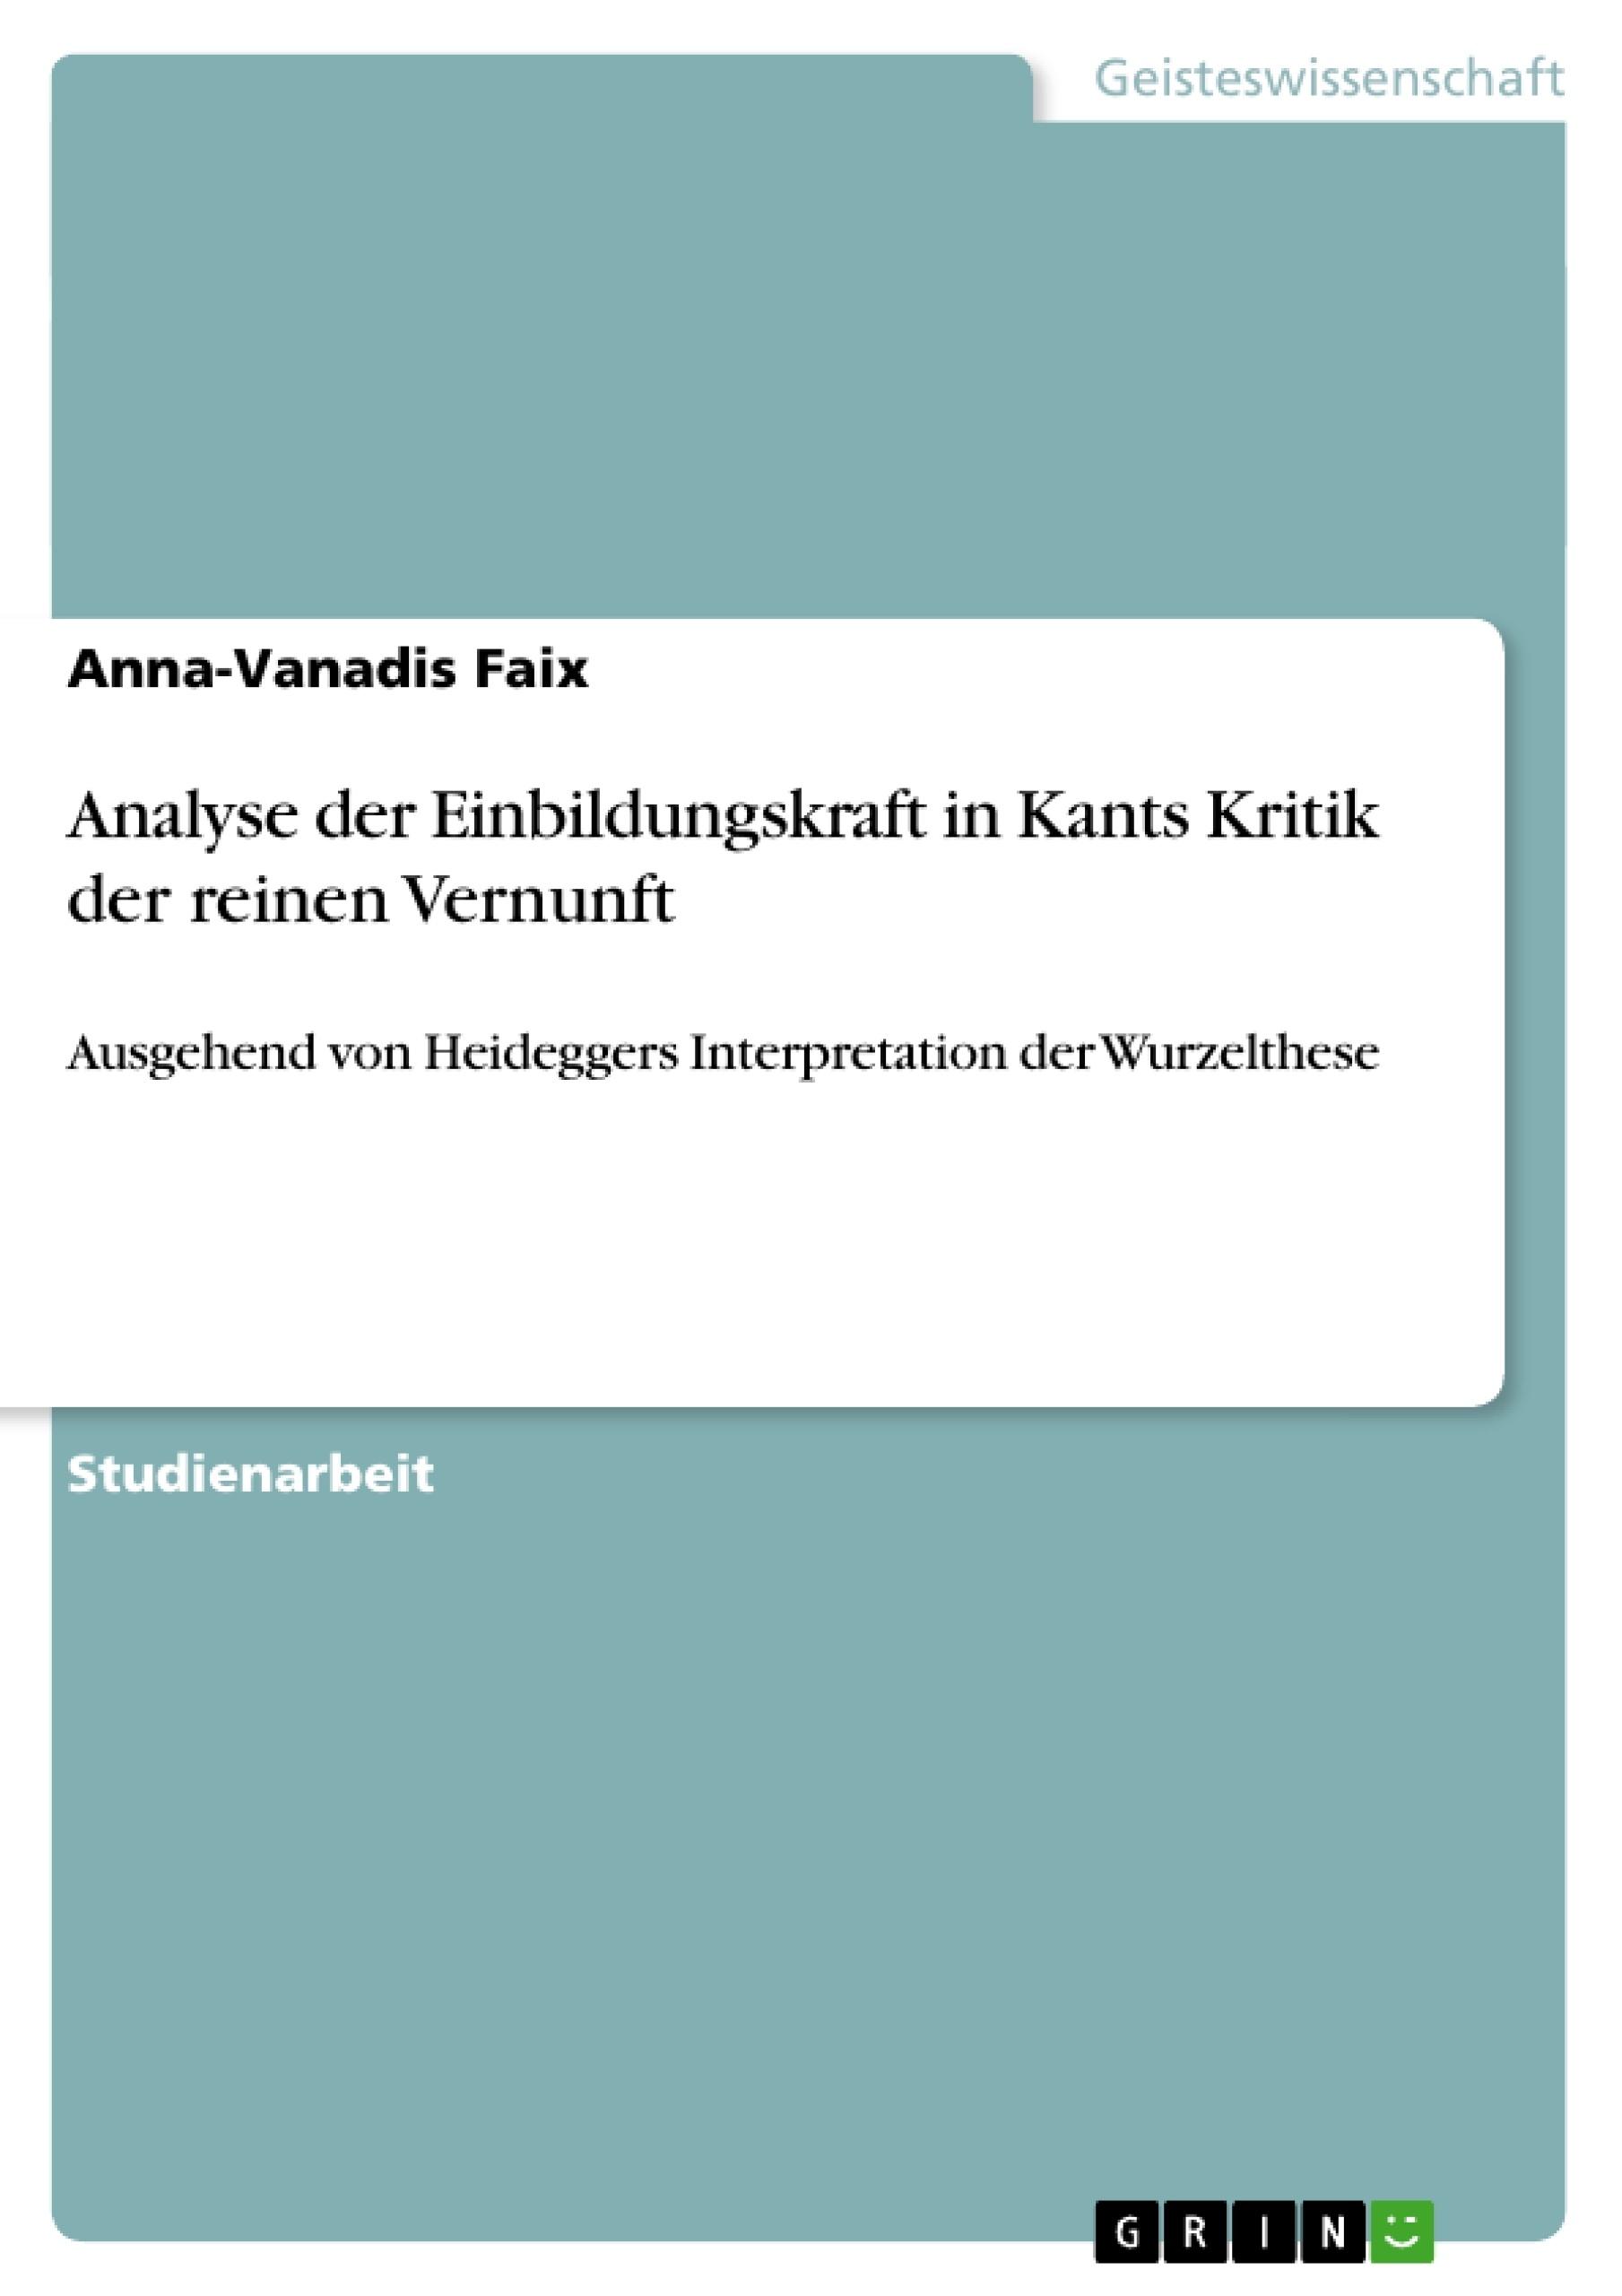 Titel: Analyse der Einbildungskraft in Kants Kritik der reinen Vernunft